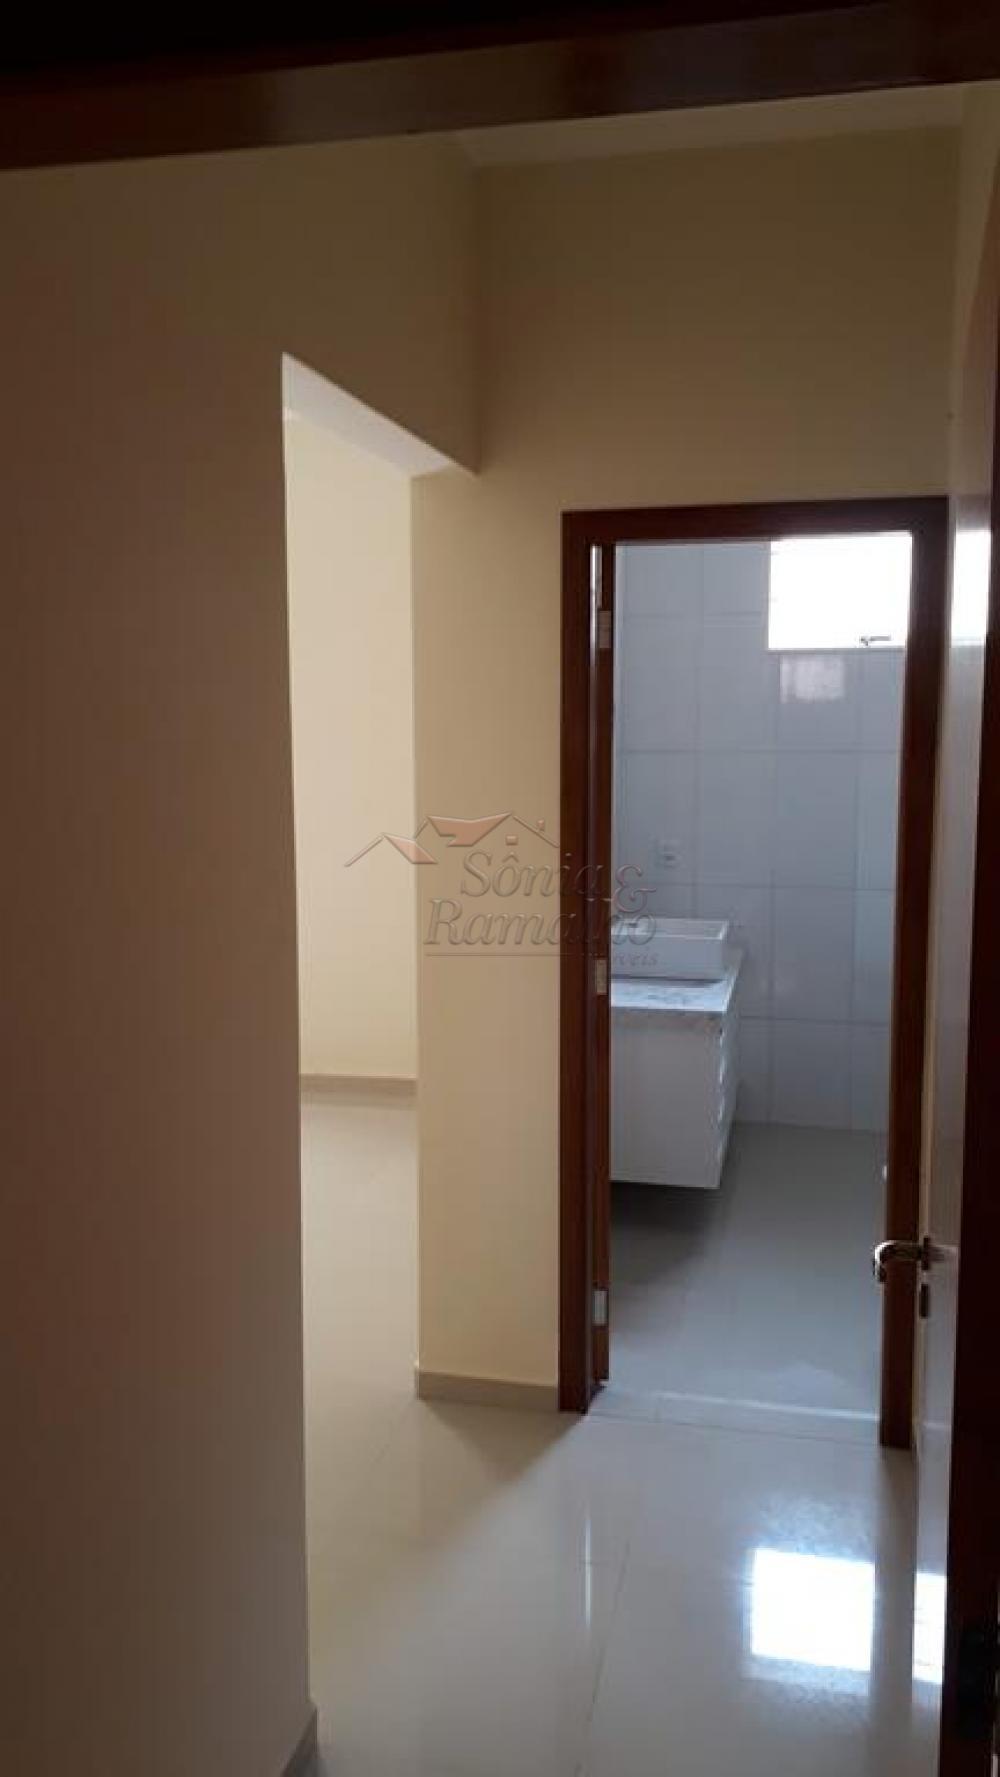 Alugar Casas / Padrão em Ribeirão Preto apenas R$ 3.300,00 - Foto 21